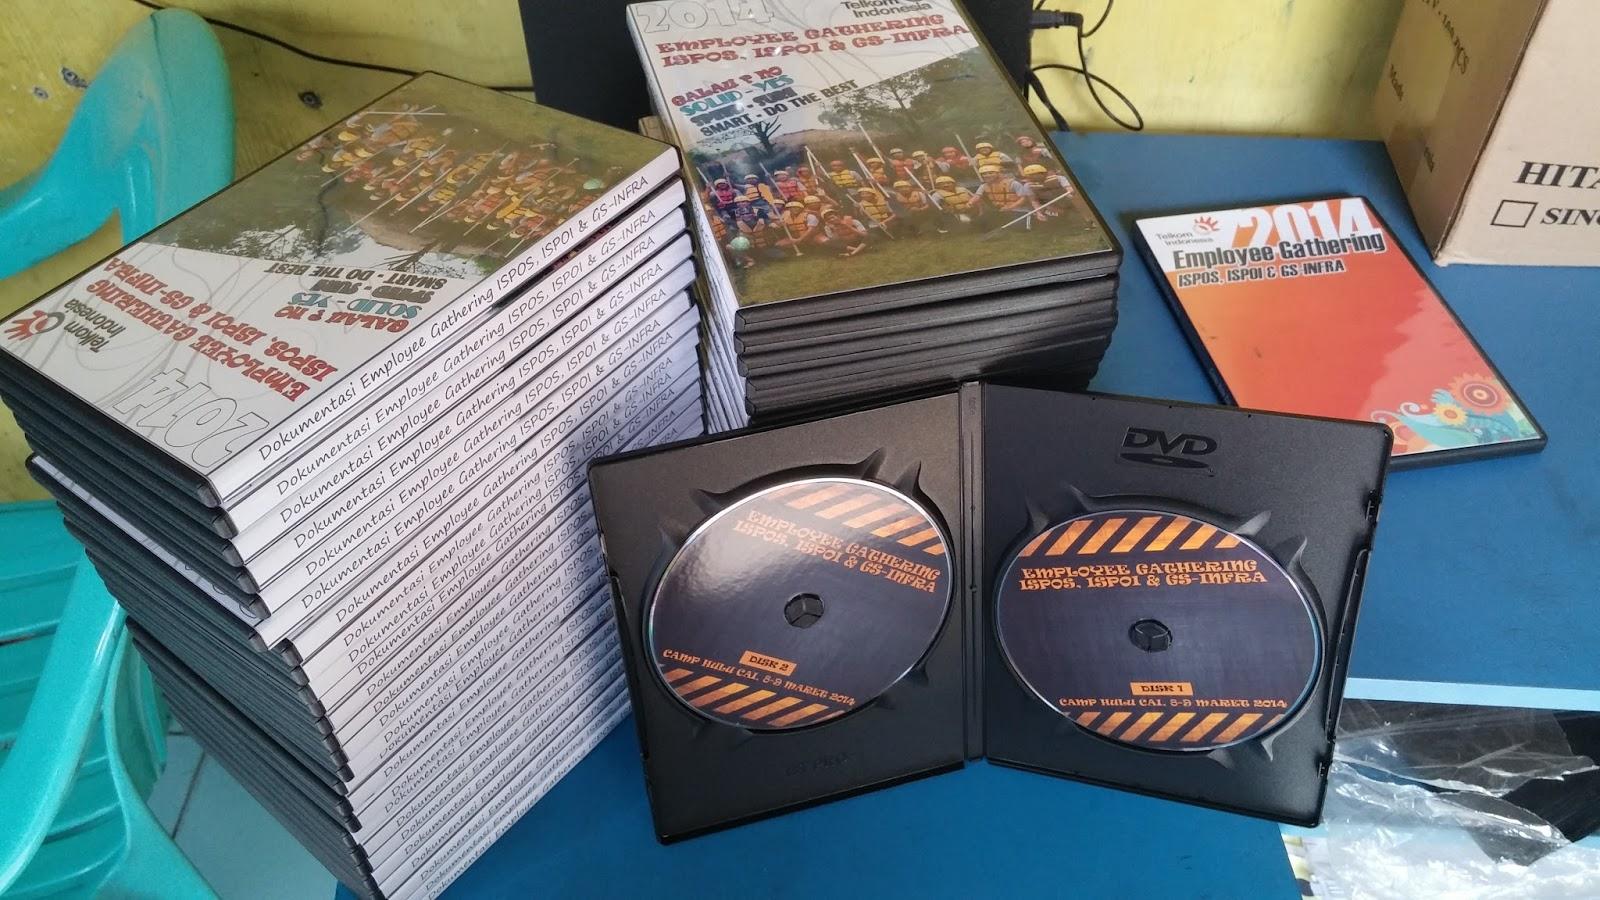 Duplikasi Vcd di DKI Jakarta Kota Jakarta Utara Tanjung Priok Sunter Jaya